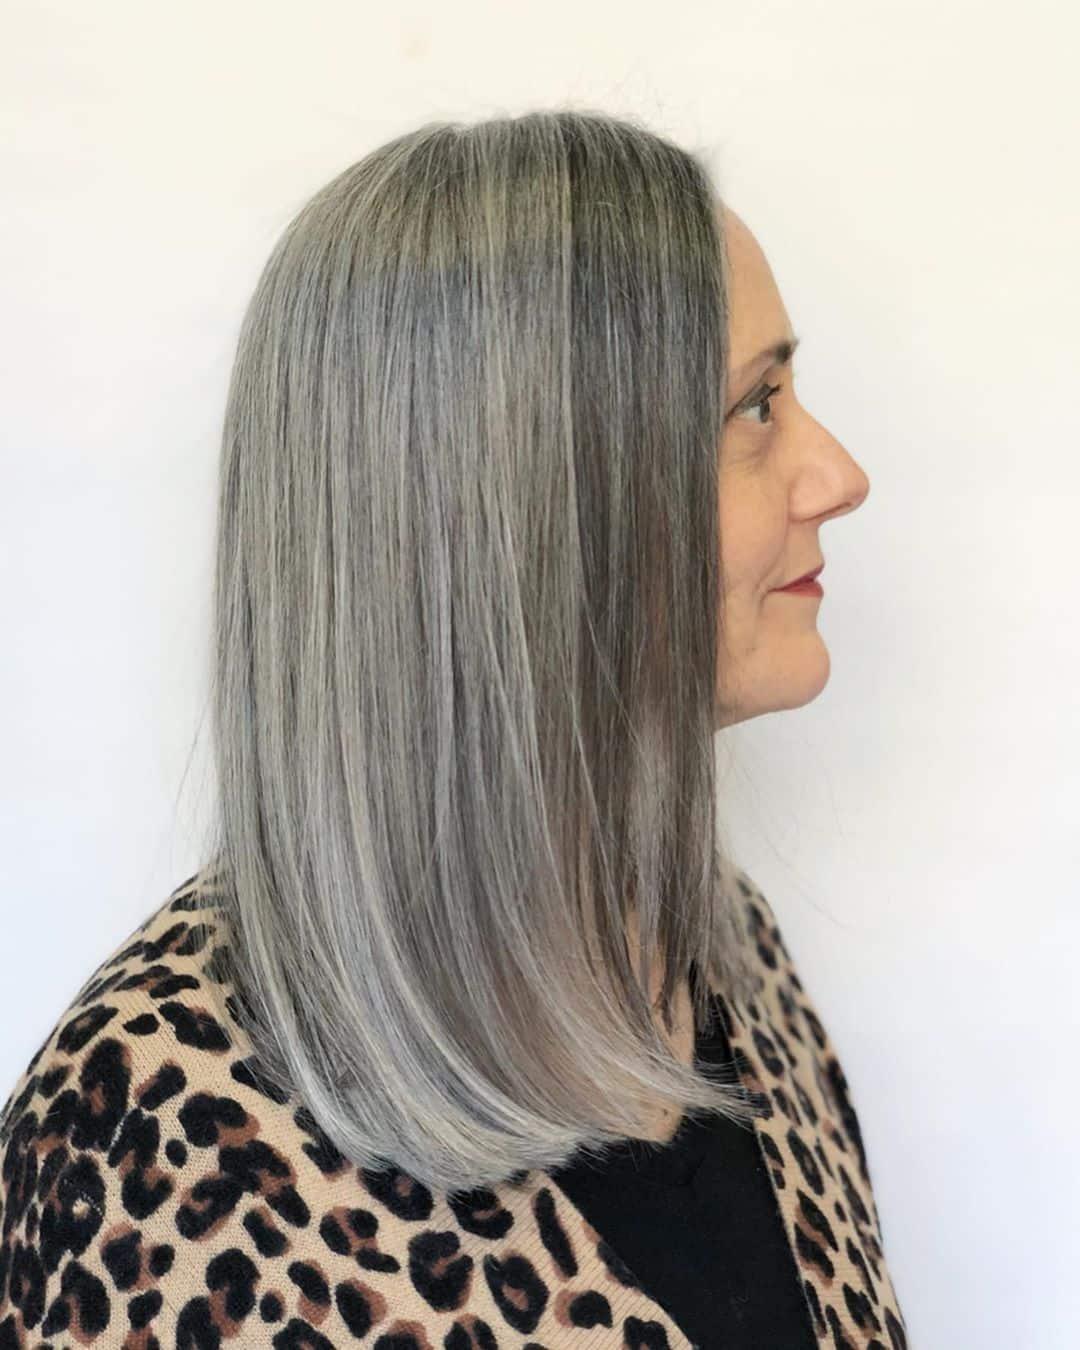 Un globo gris para mujeres mayores de 50 años con cara redonda.